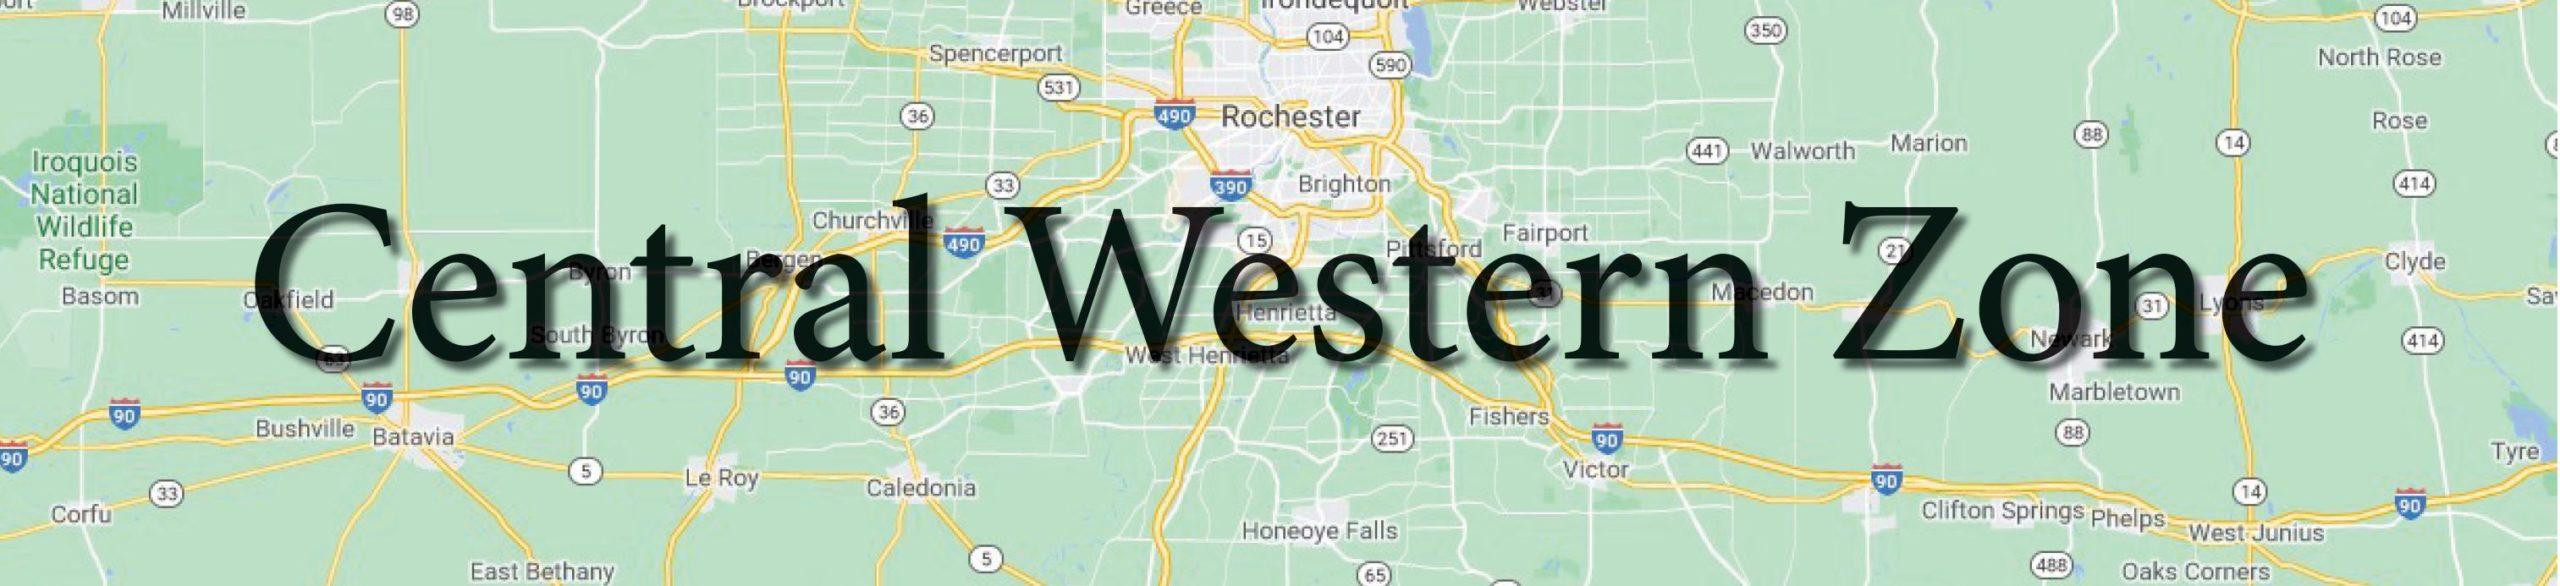 1920x440px Central Western Zone